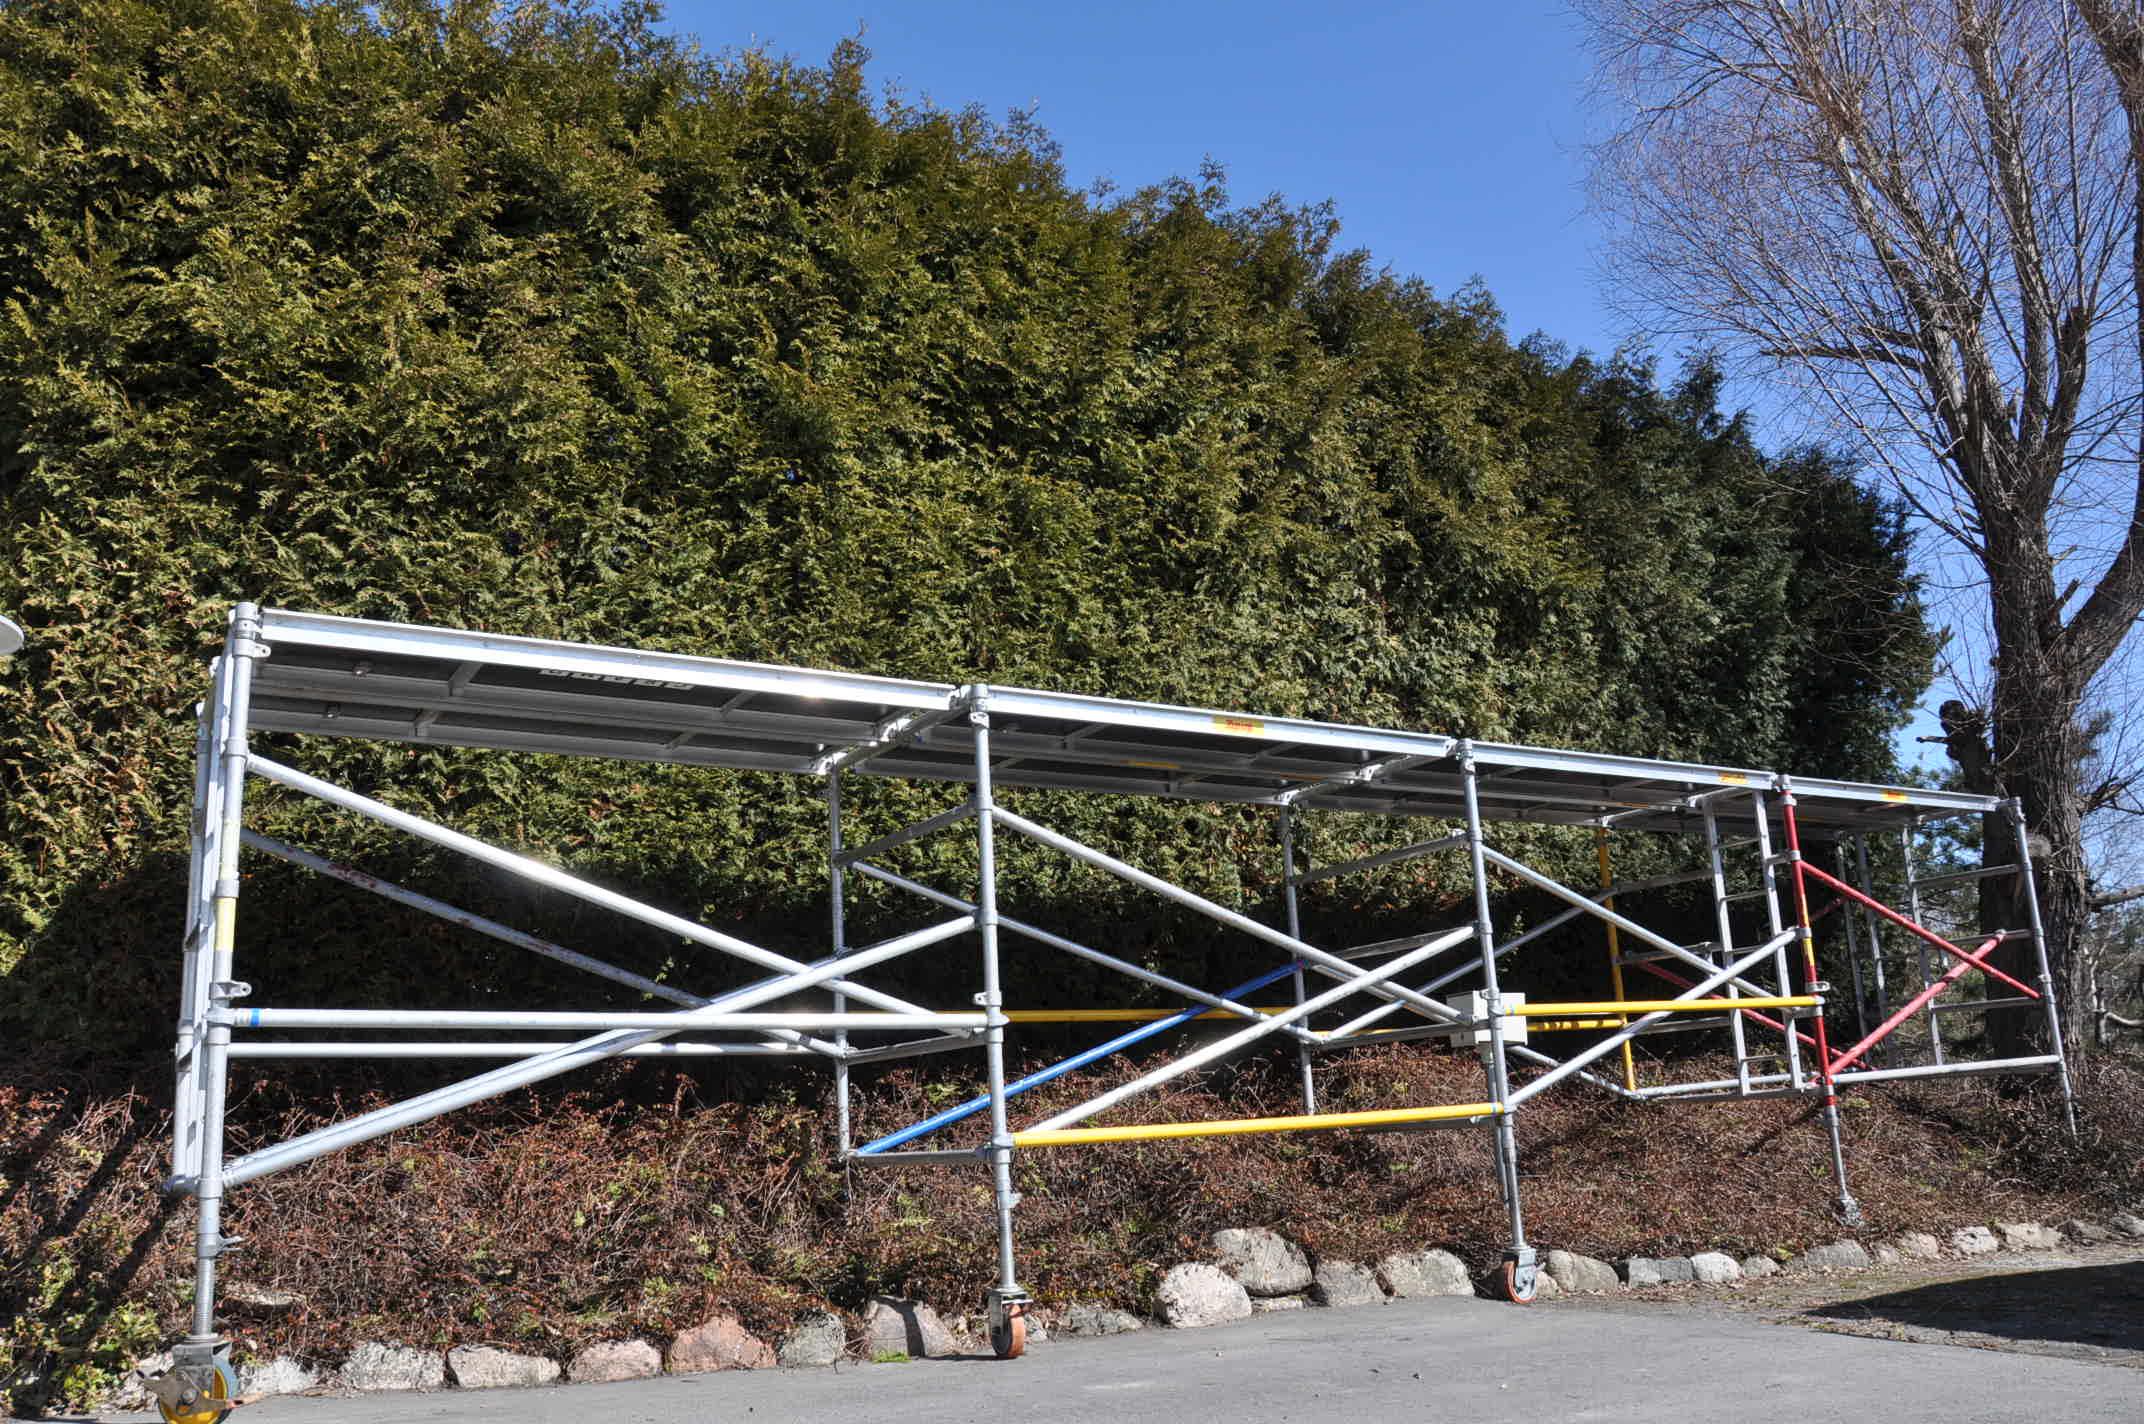 2 meter hyr byggställning stockholm målarställning måla ställning (9)